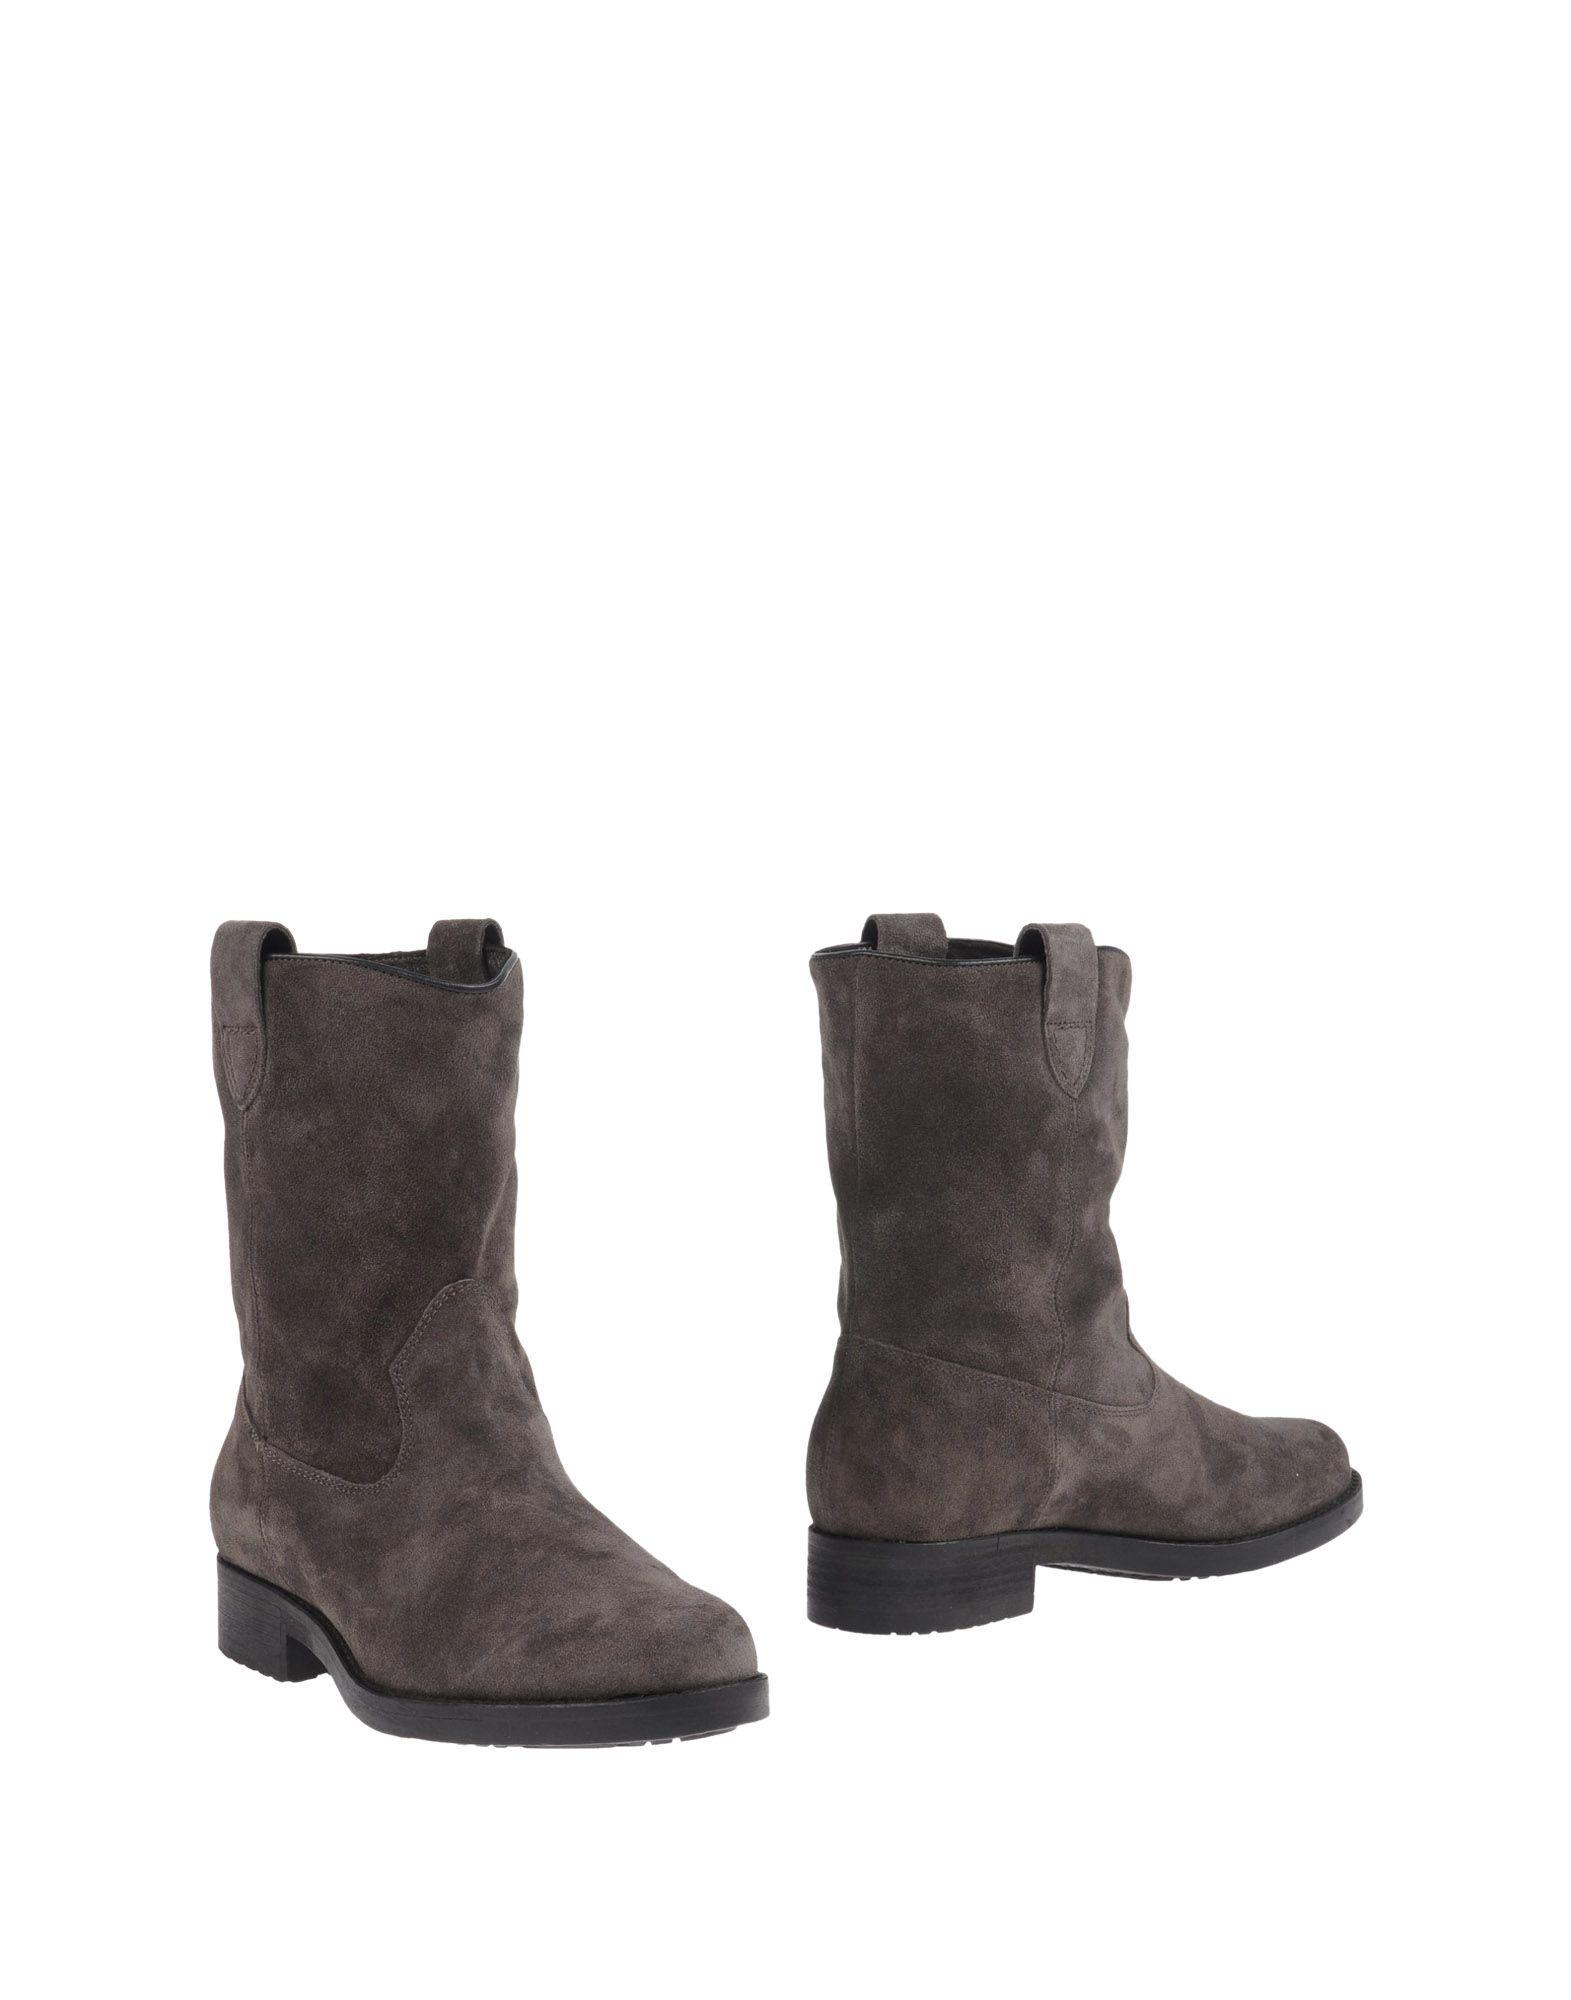 Mfw Collection Stiefelette Damen  11210898VD Gute Qualität beliebte Schuhe